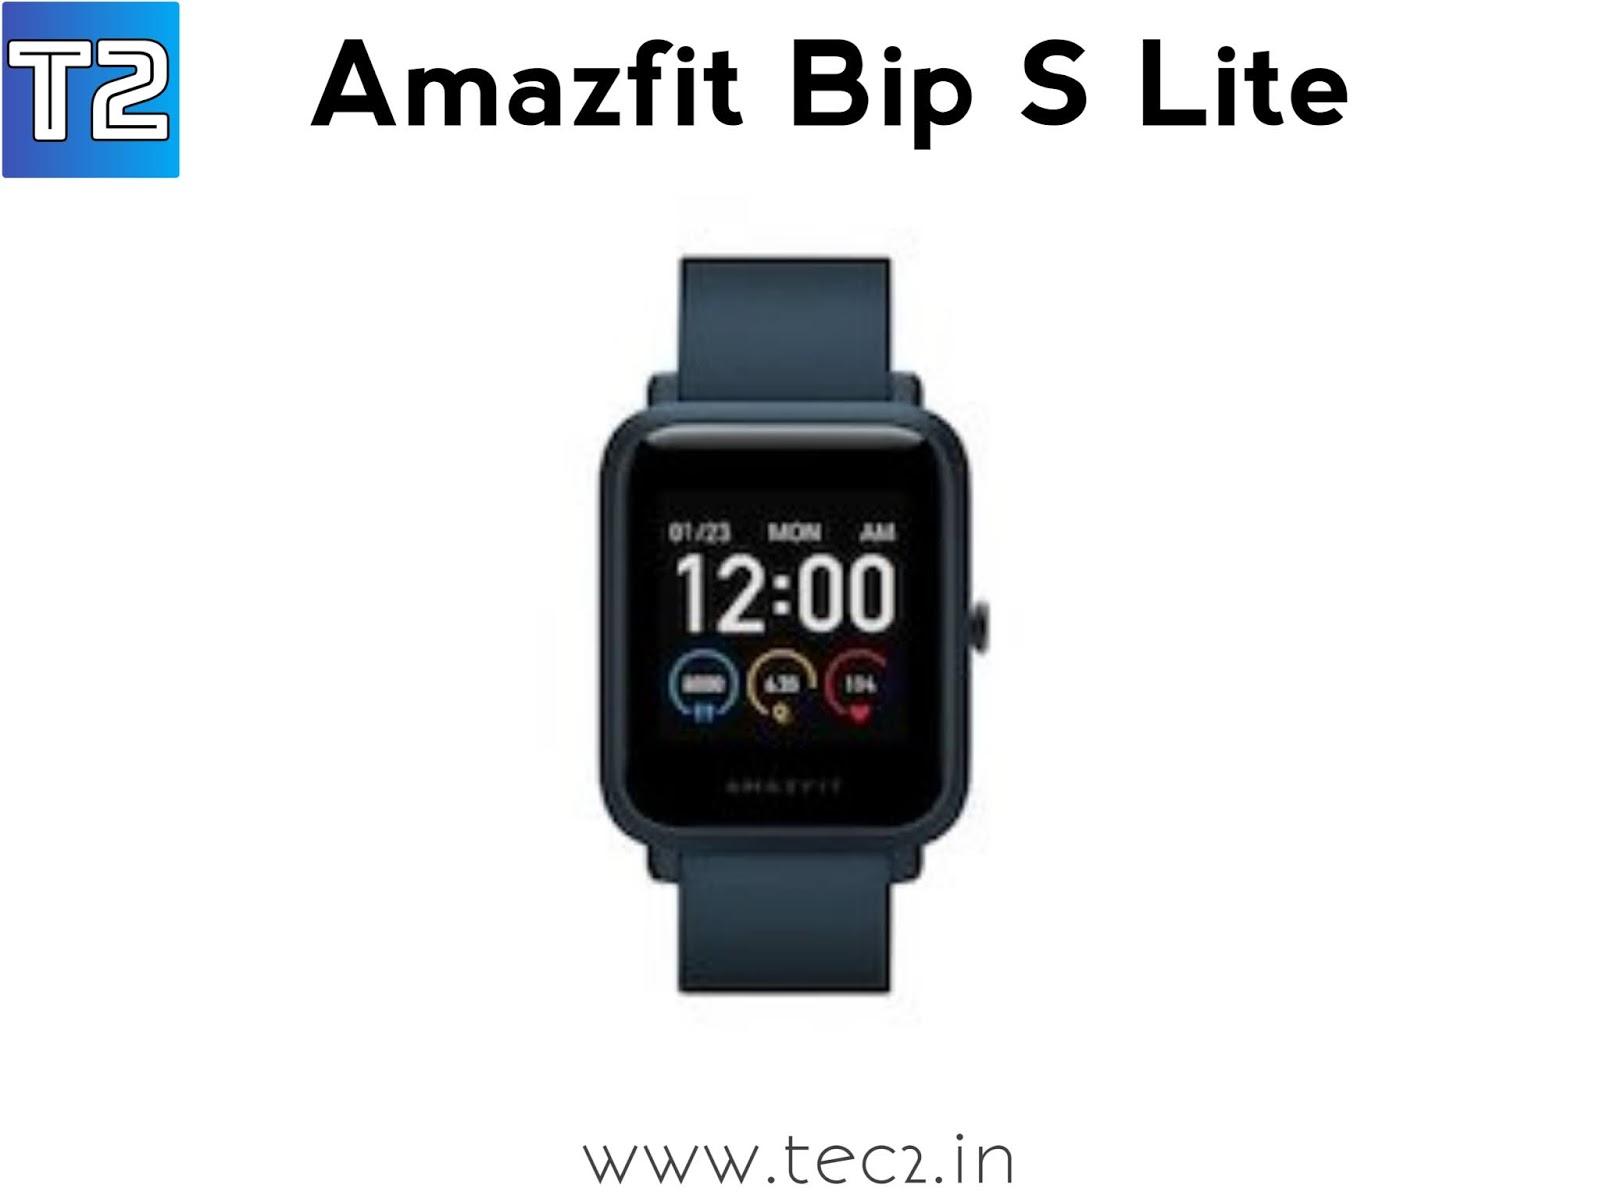 Amazfit Bip S Lite